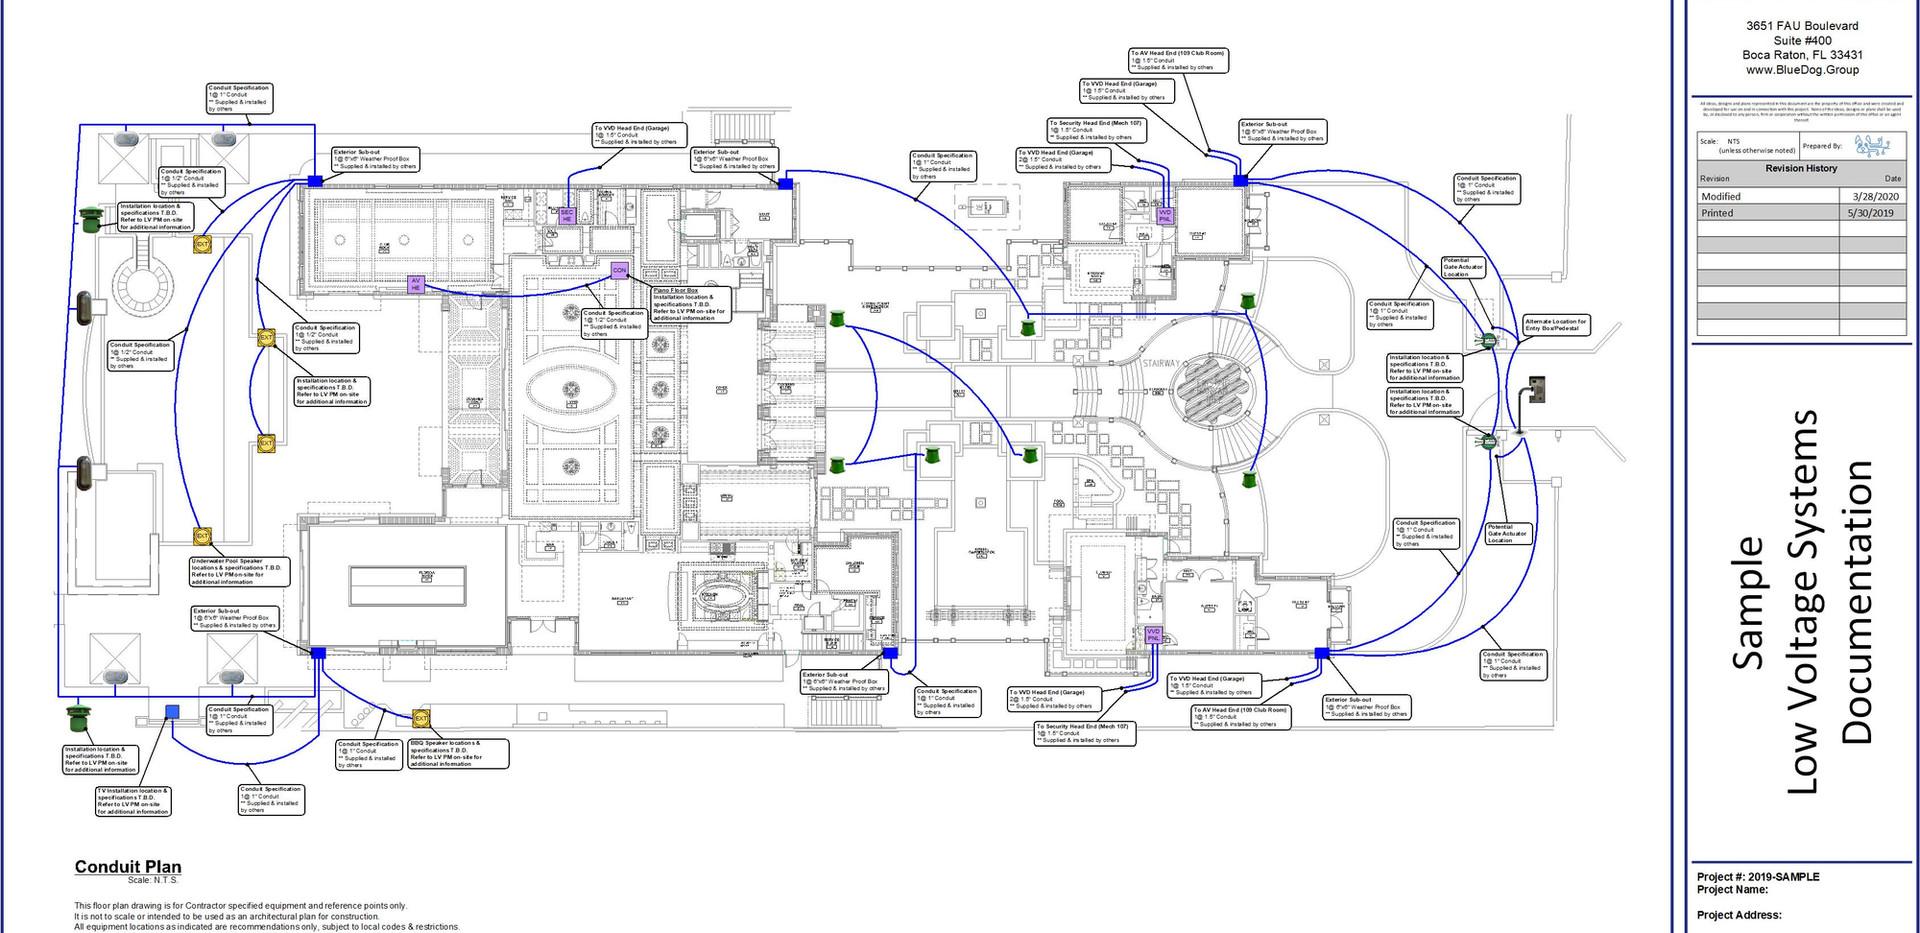 BDG-Sample LV Drawings-LV-v1.0-Conduit P